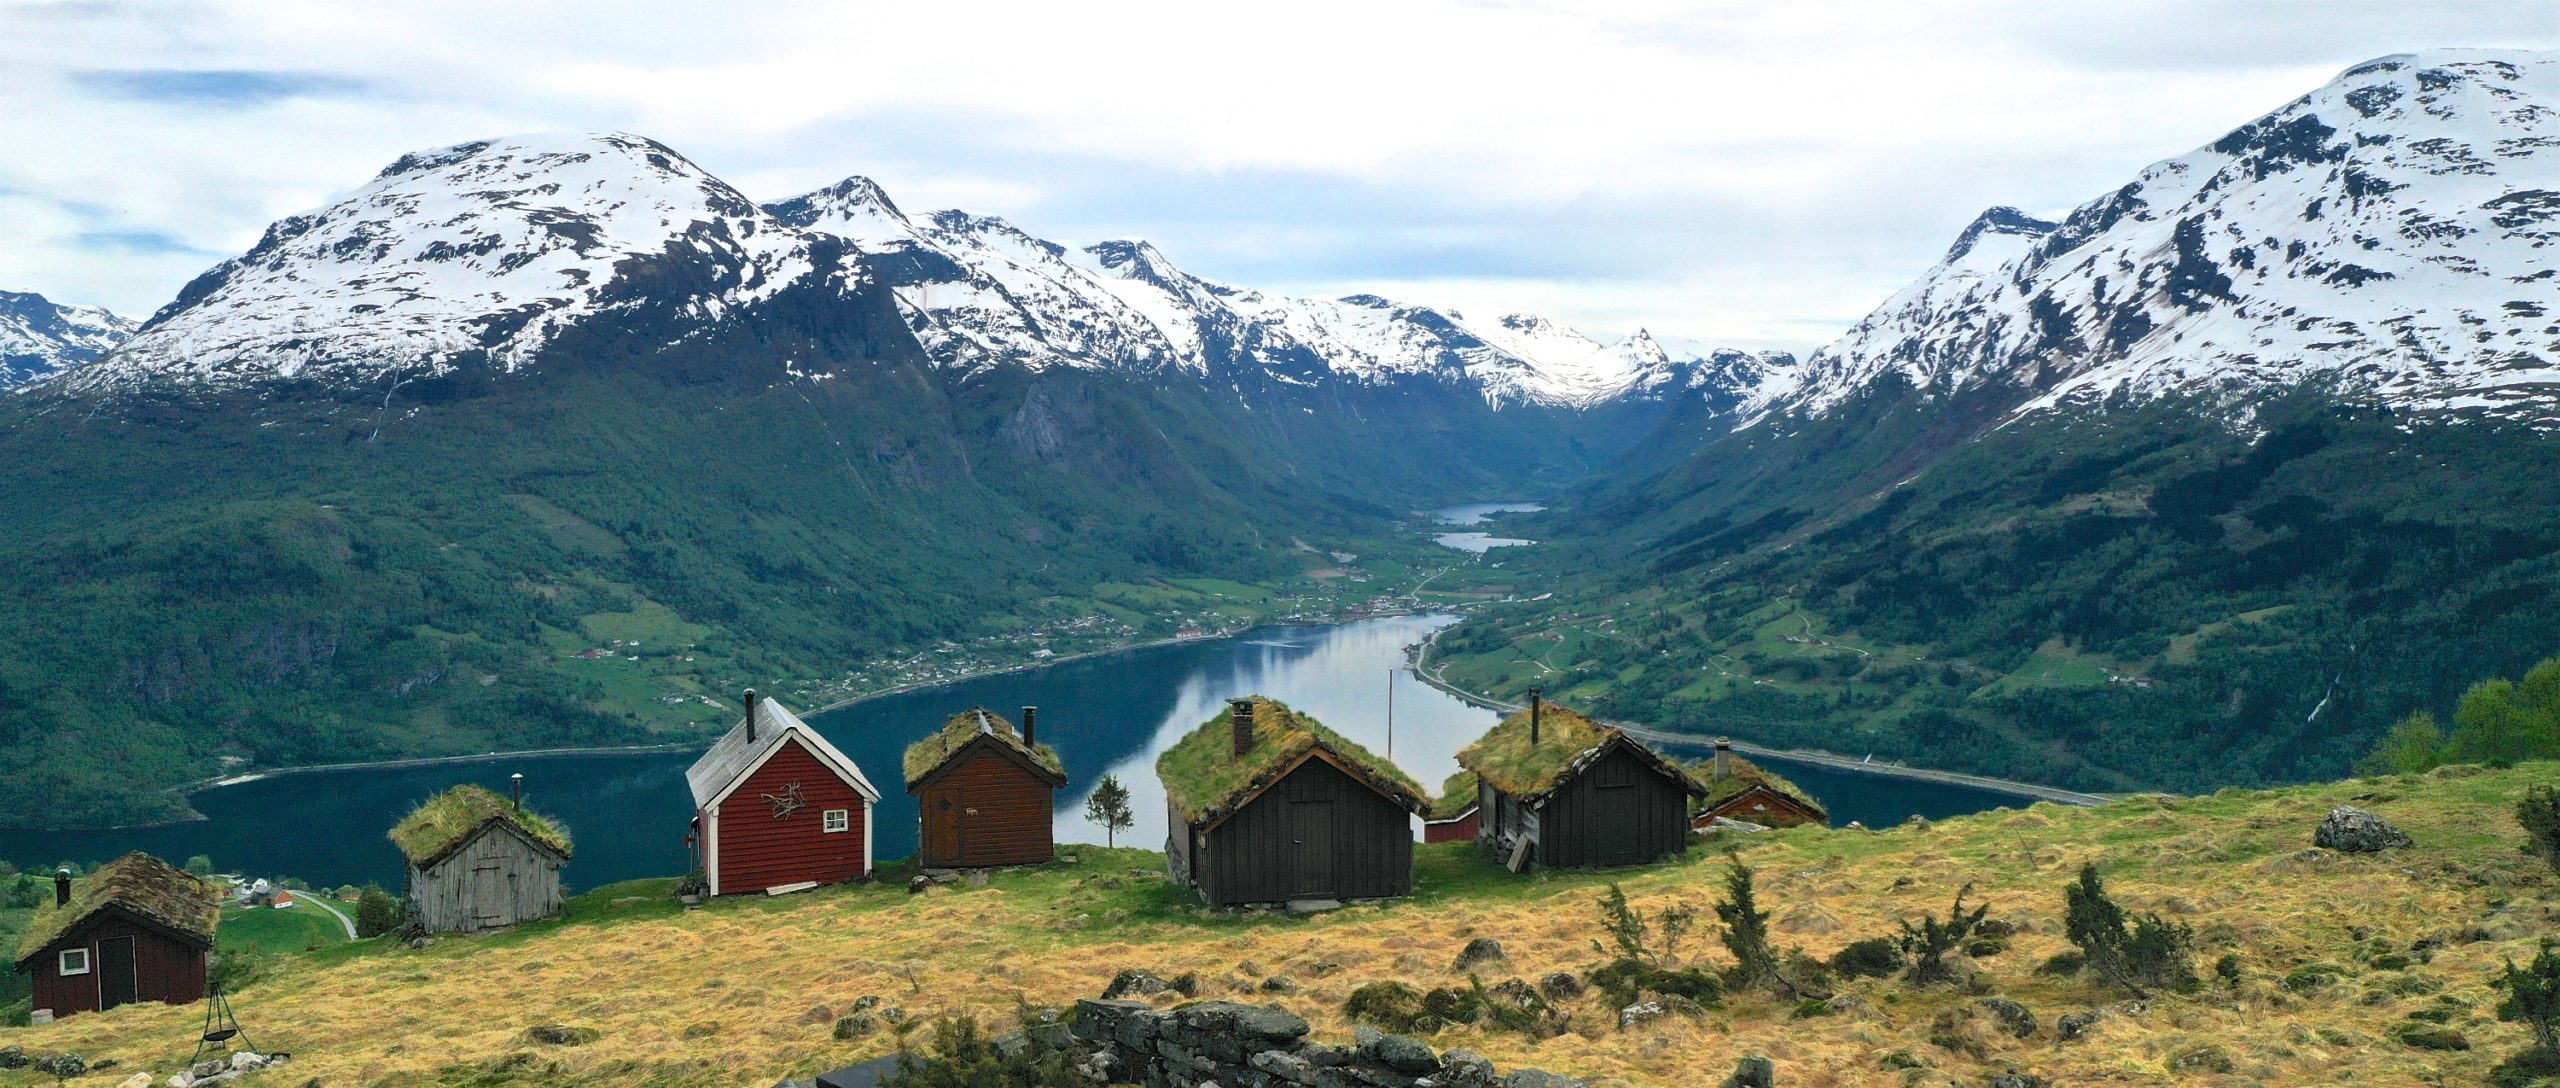 FJORDS NORWAY - Rakssetra between Loen and Stryn in Nordfjord, Norway